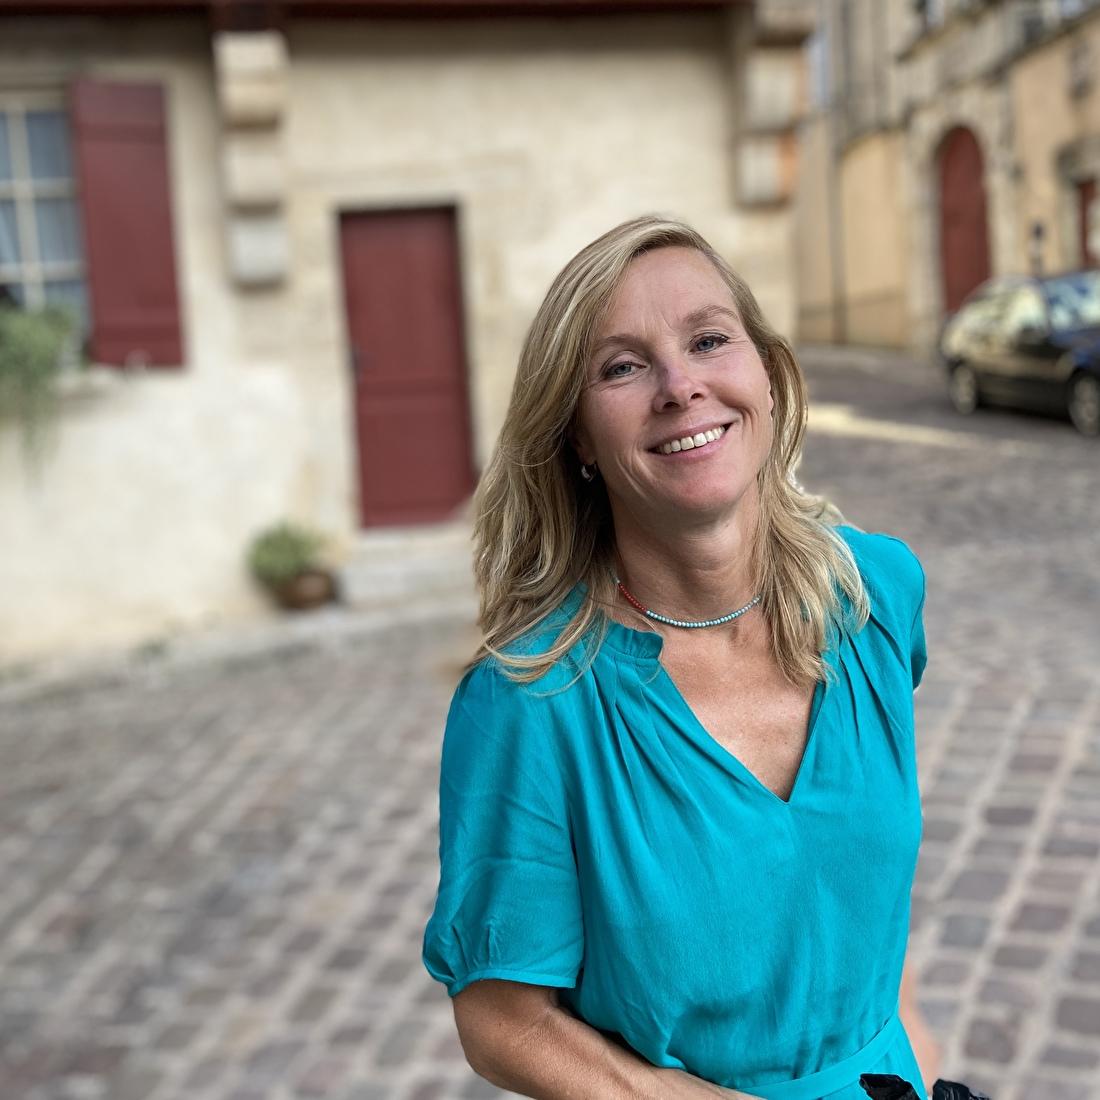 Jacqueline Kip, eigenaar en ontwerper van Kip Design